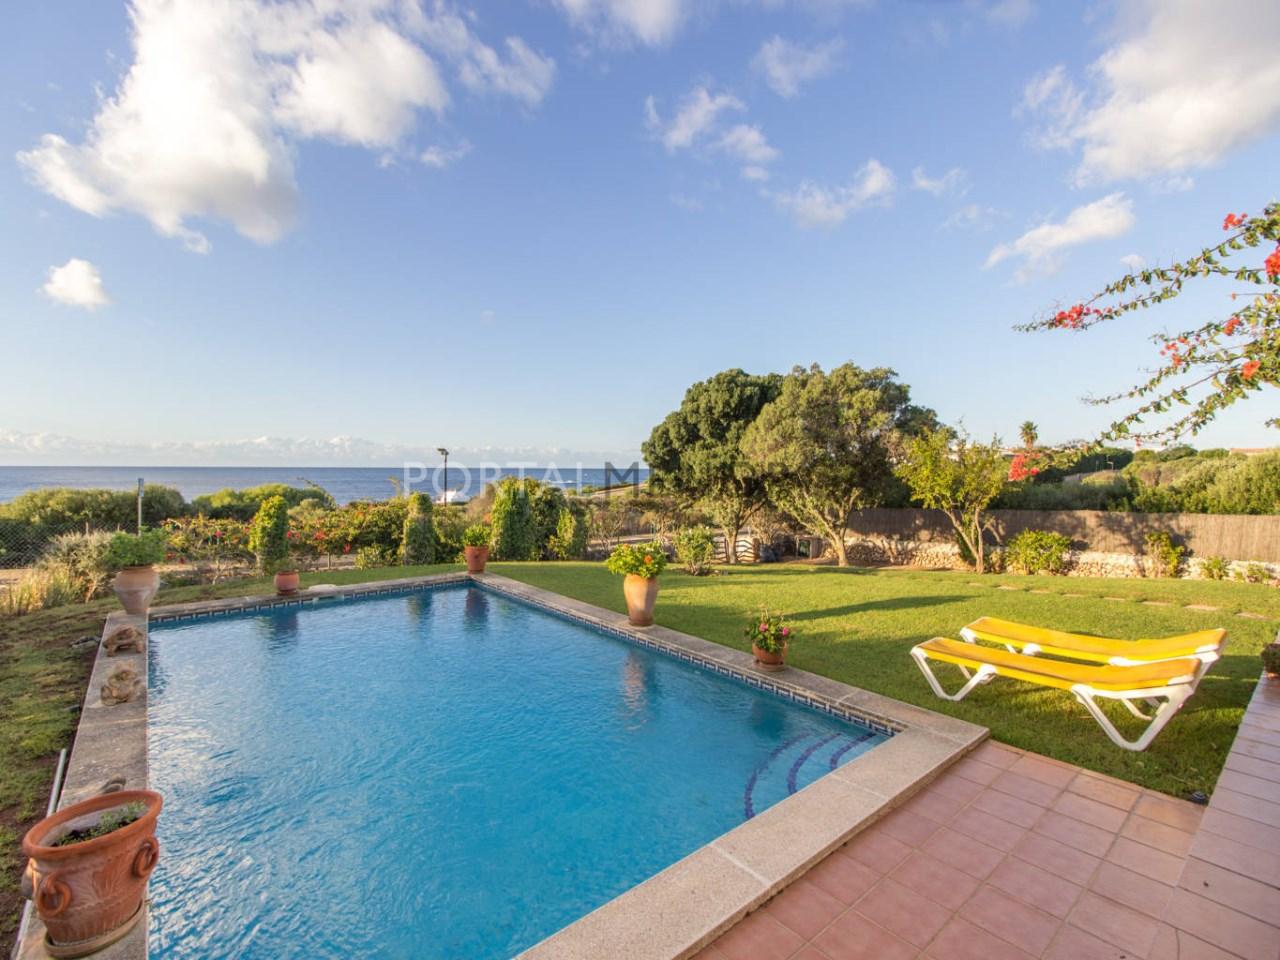 Villa avec vue mer à vendre près de Binibeca